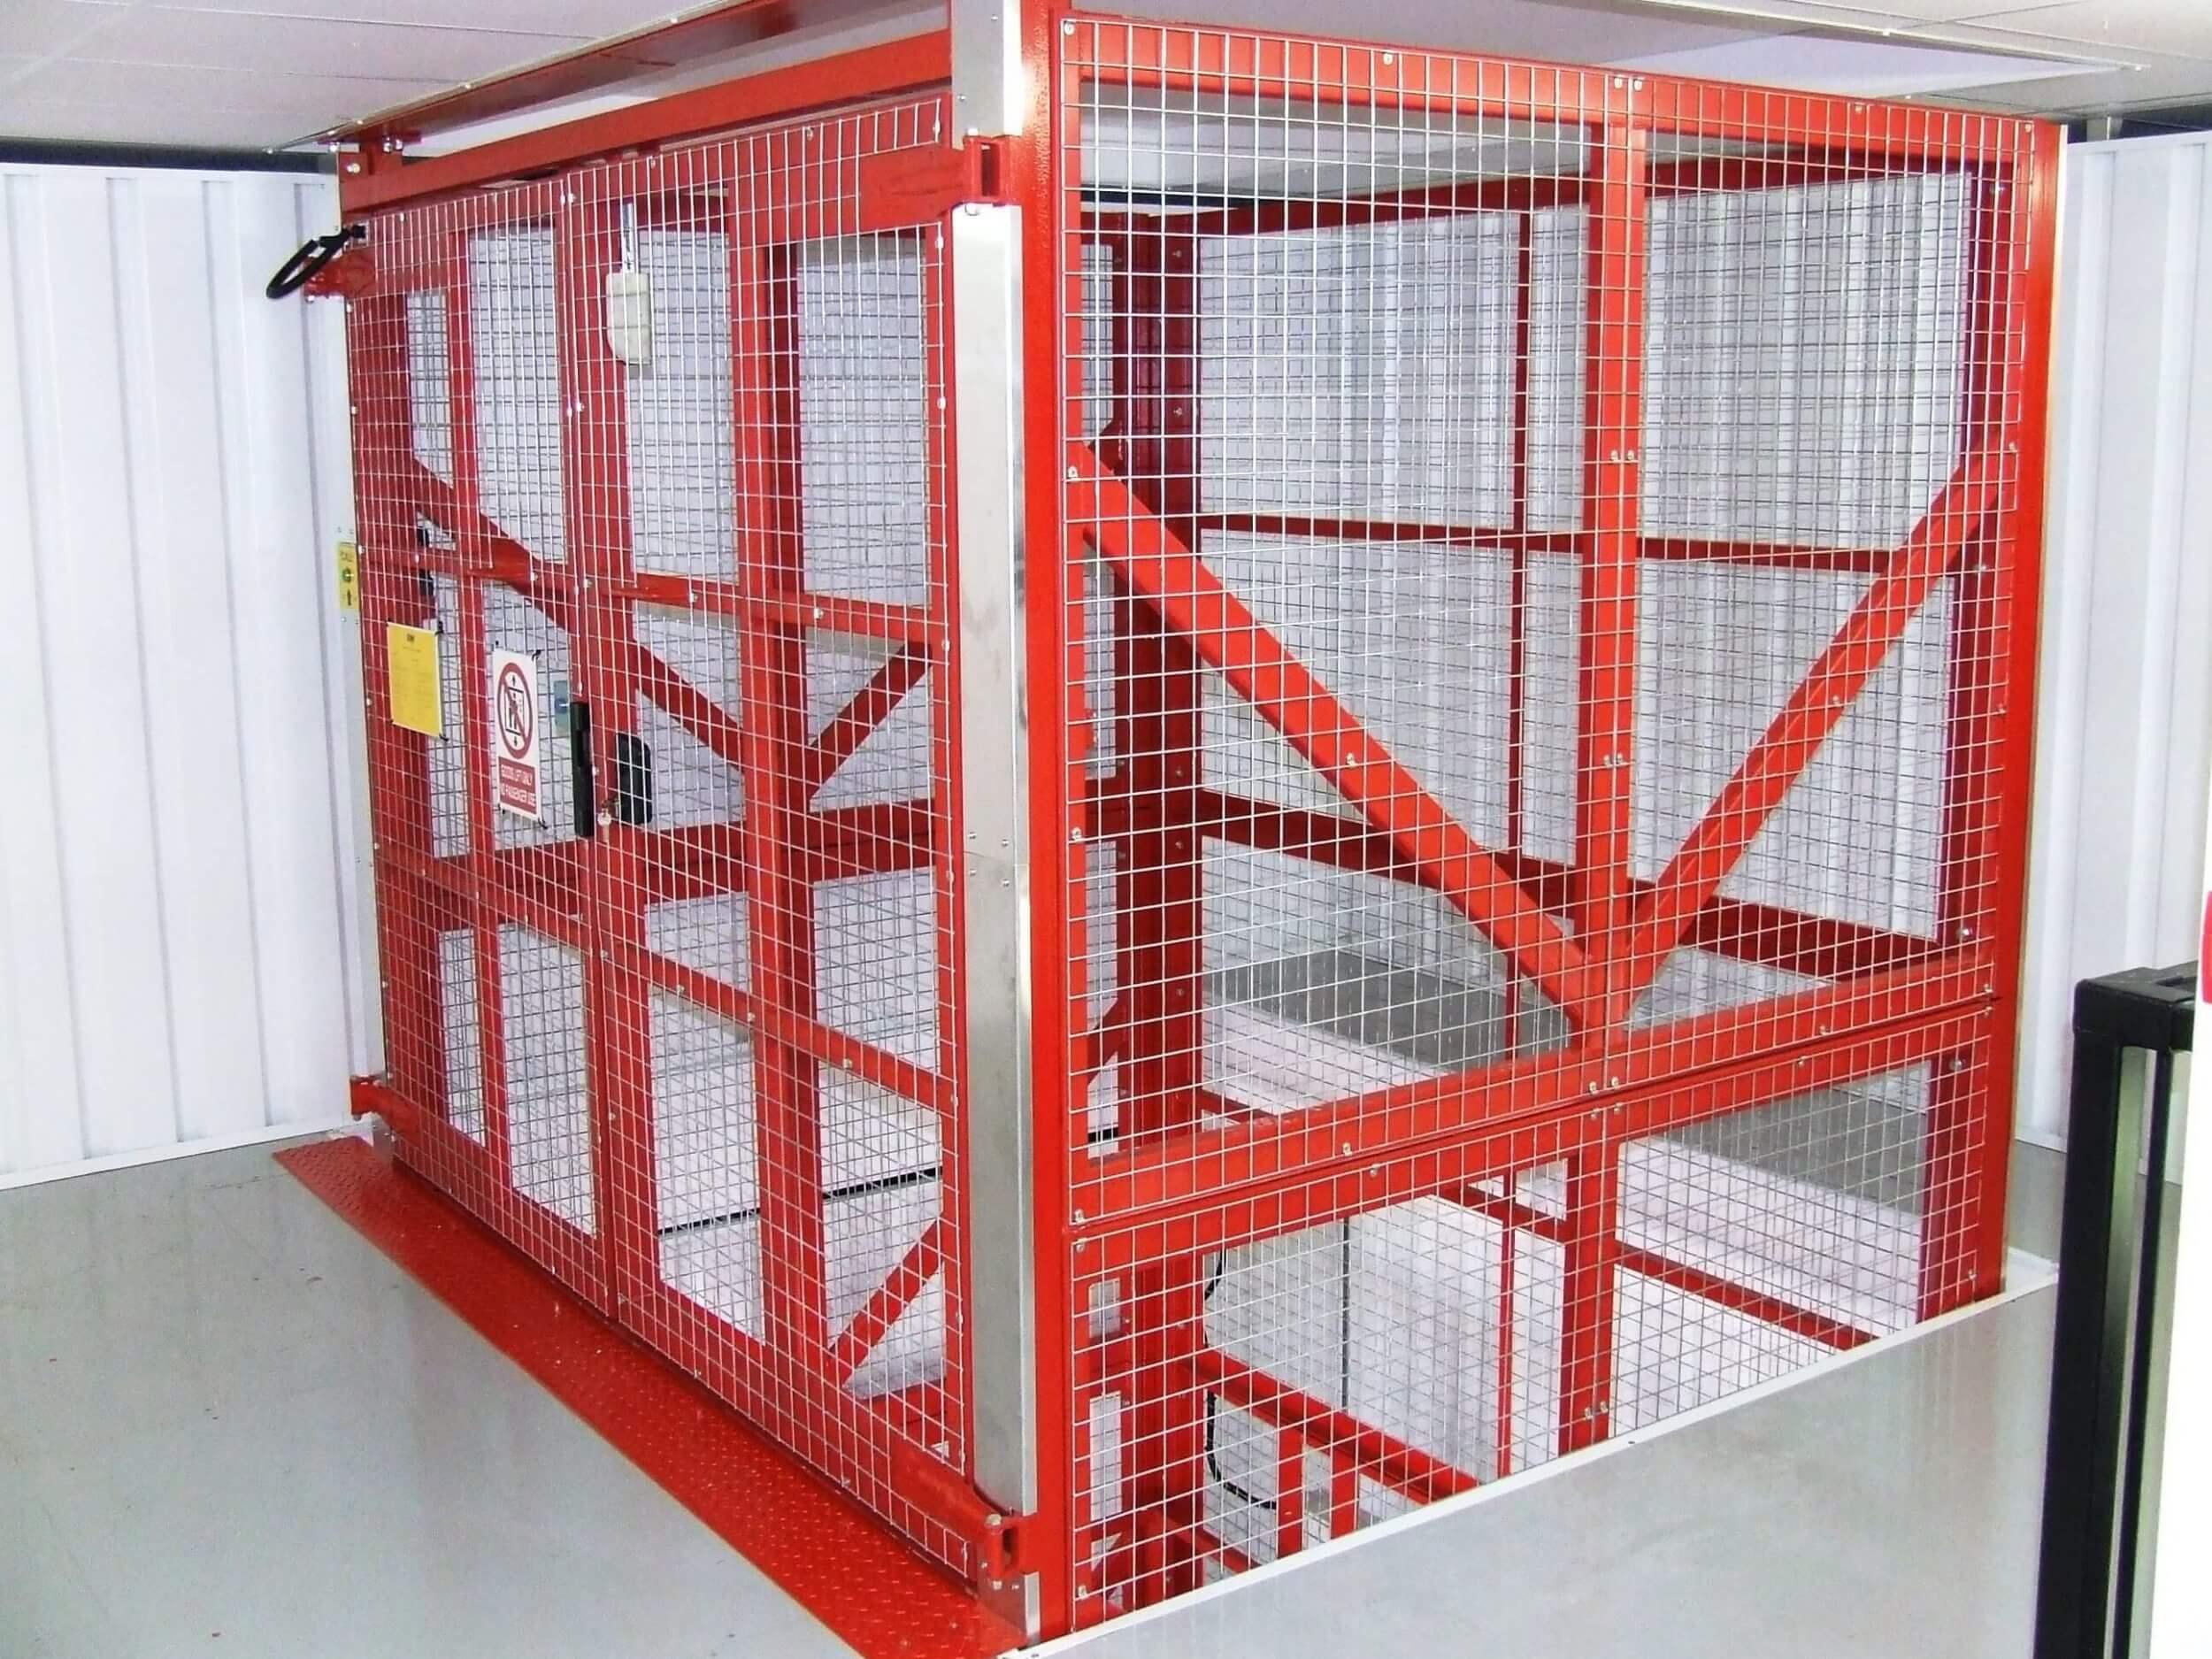 4 Secure Self Store Transdek Mezzanine Floor Lifts